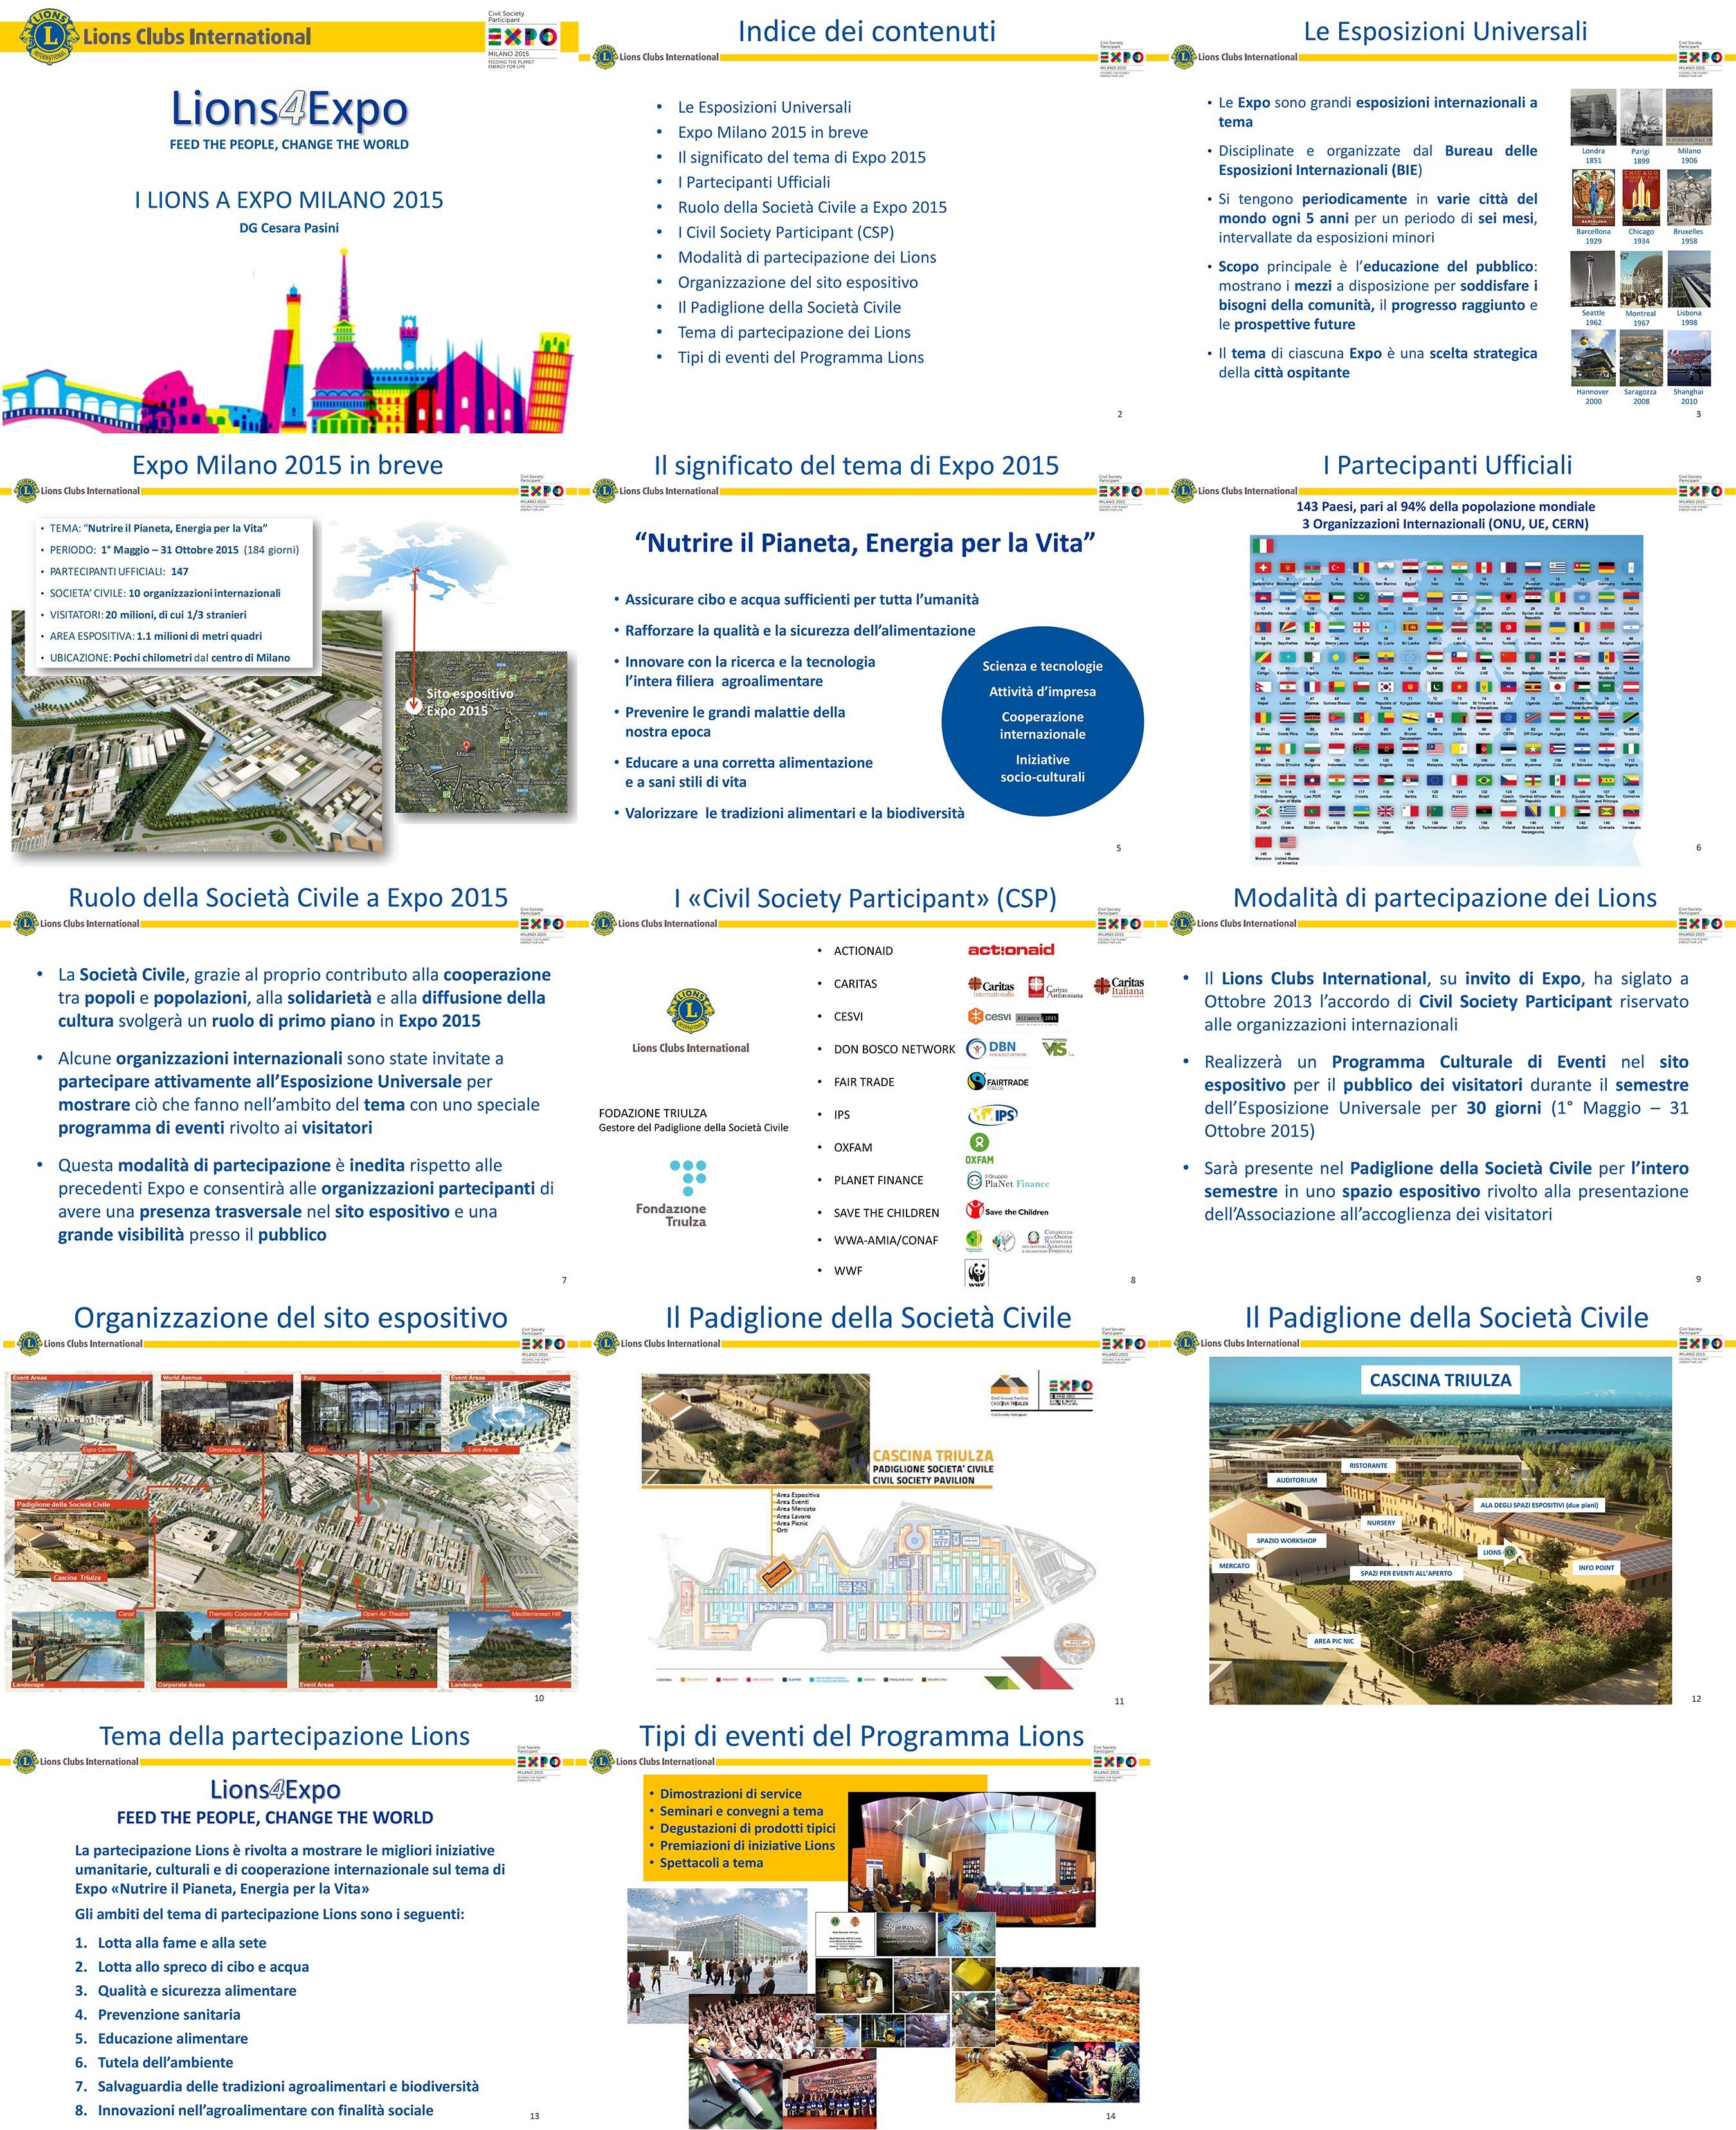 Presentazione Lions4Expo 18-08-2014